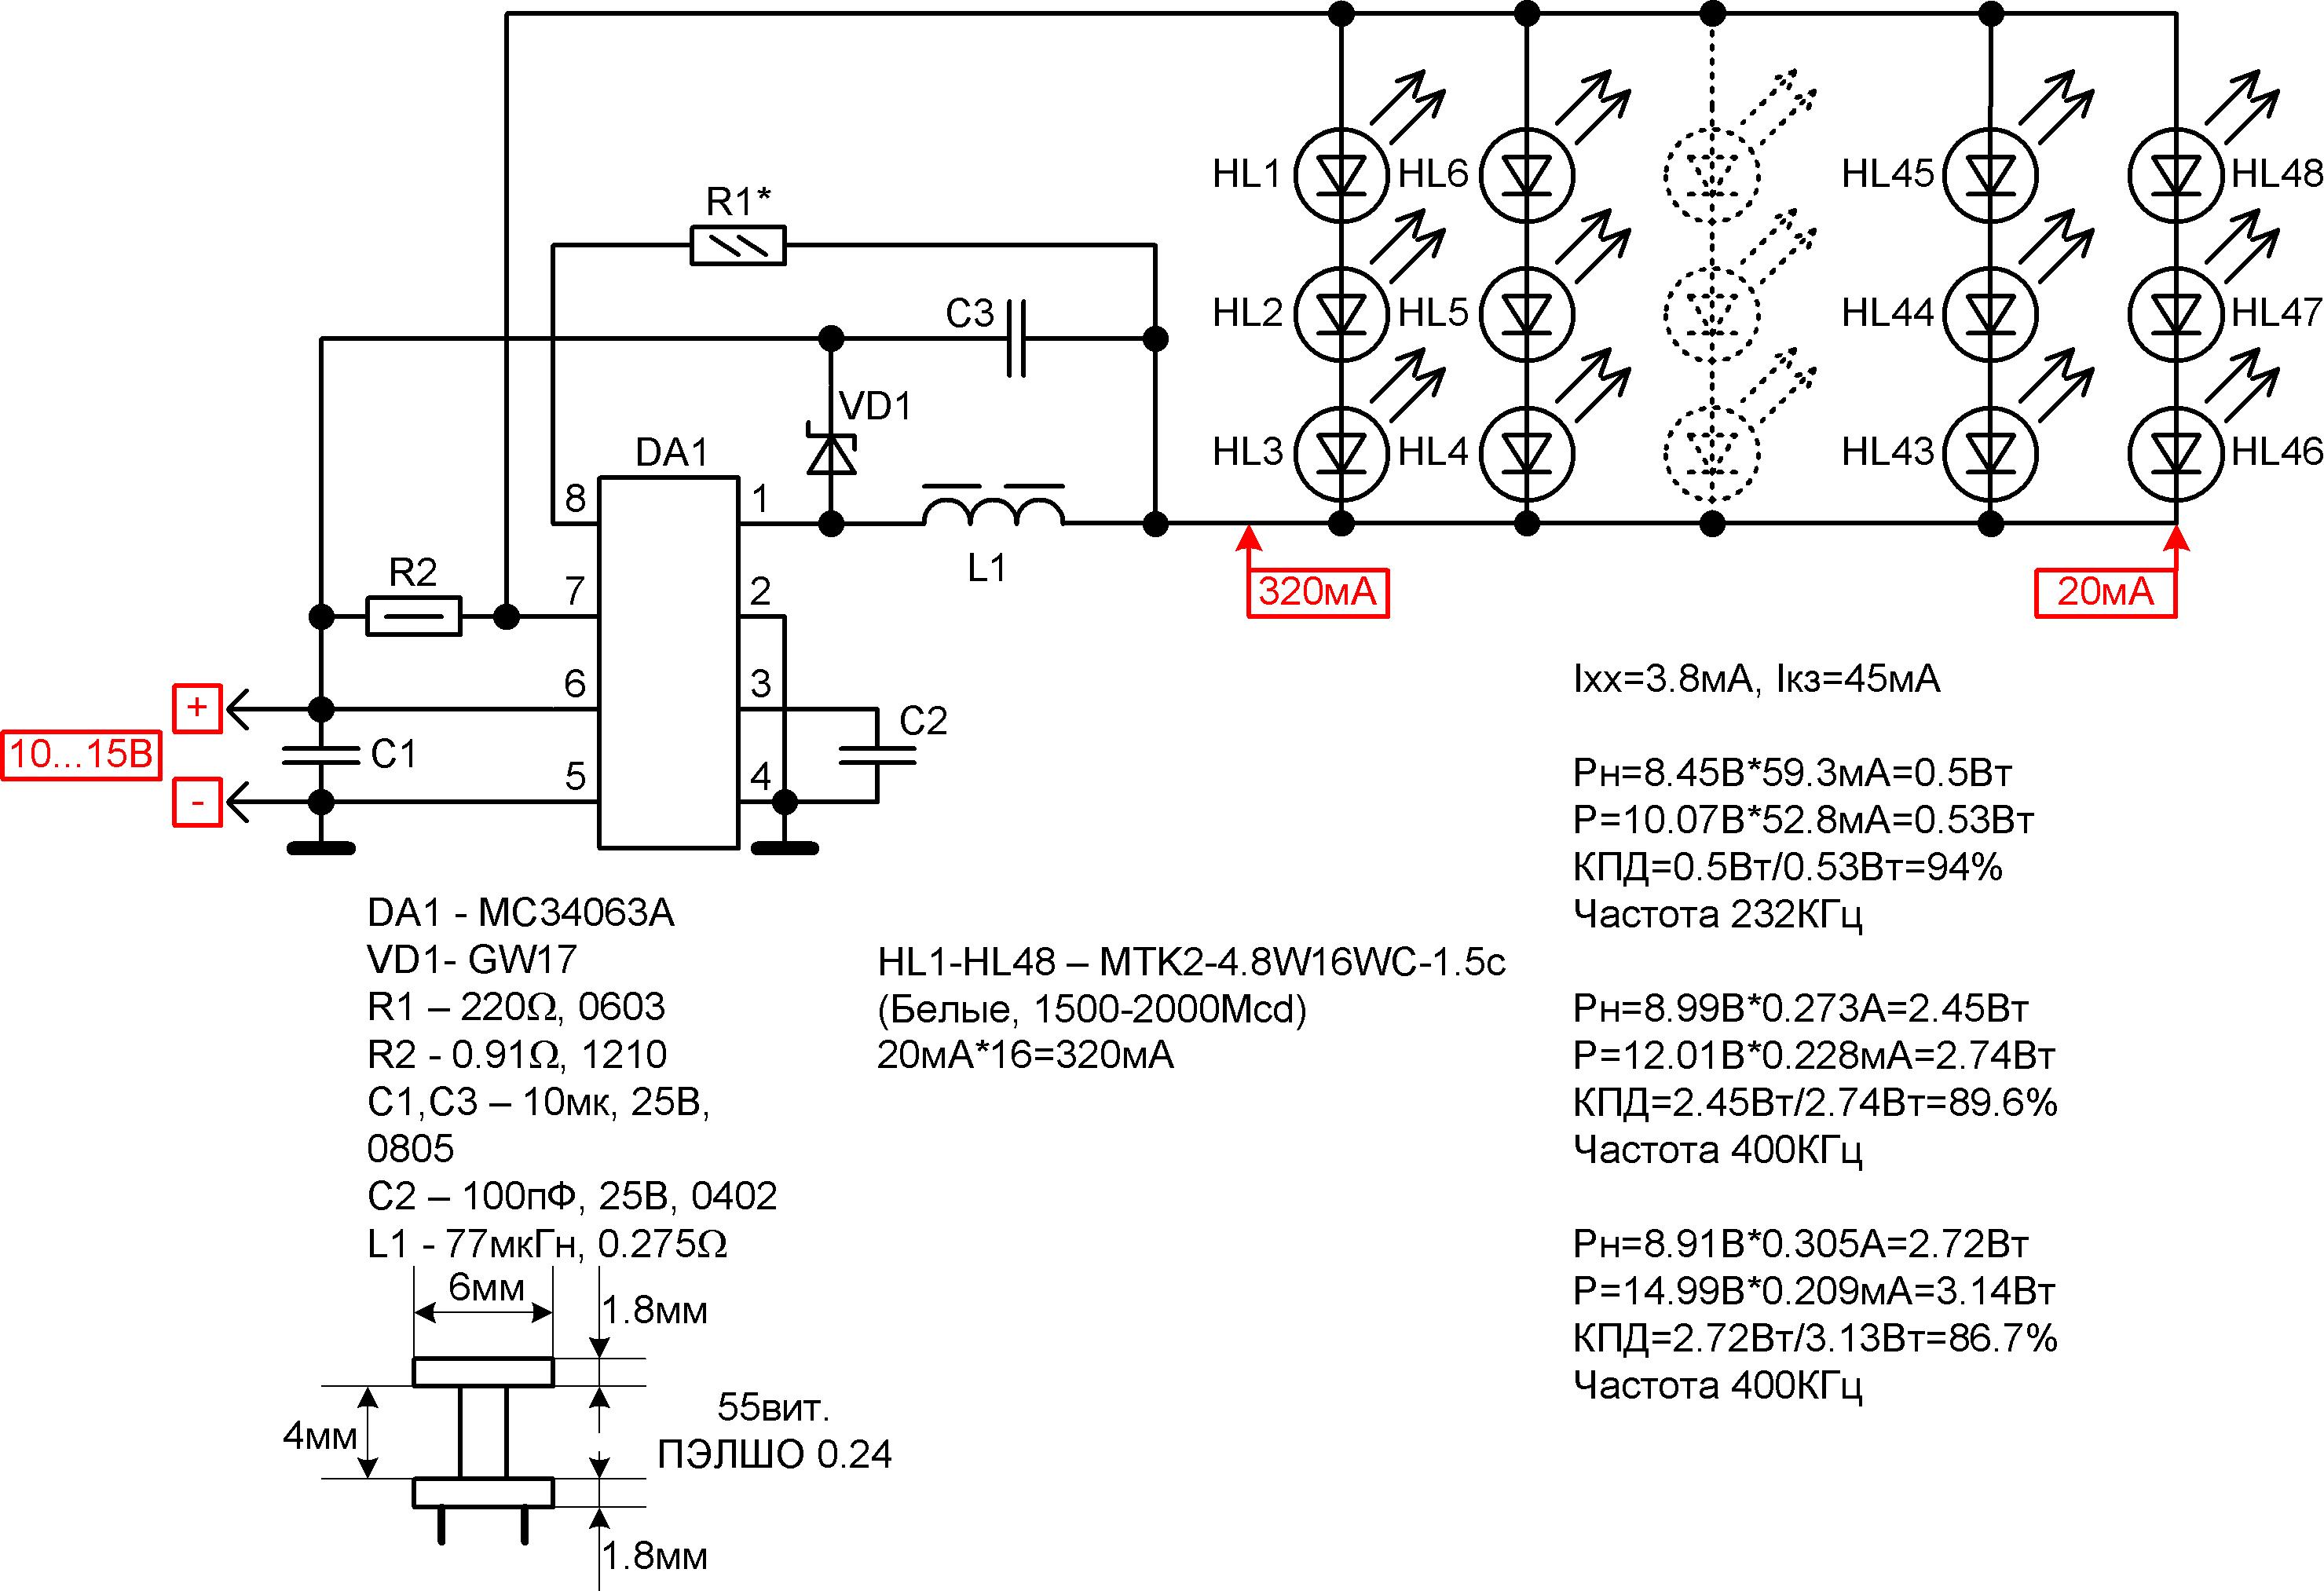 Типовая схема включения мс34063 93